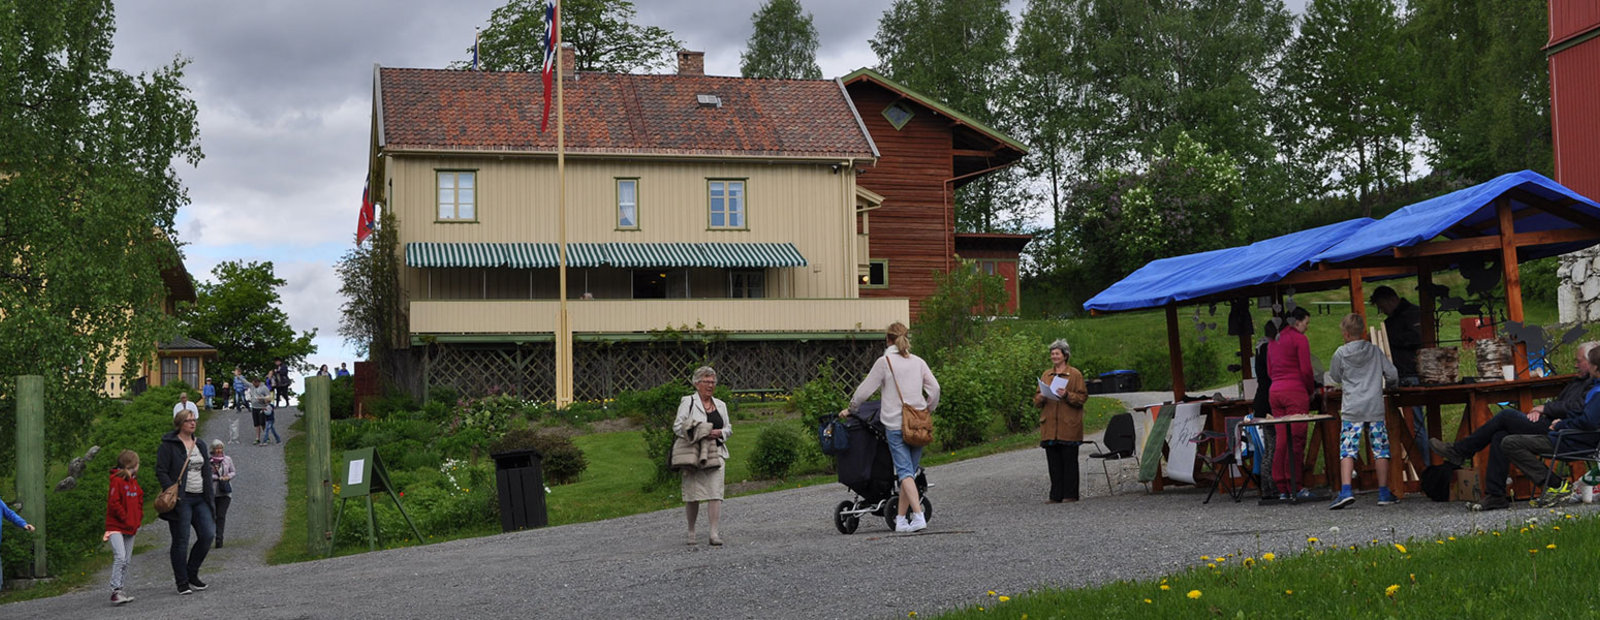 Familiedag på Aulestad Bjørnstjerne Bjørnsons hjem, i samarbeid med venneforeningen